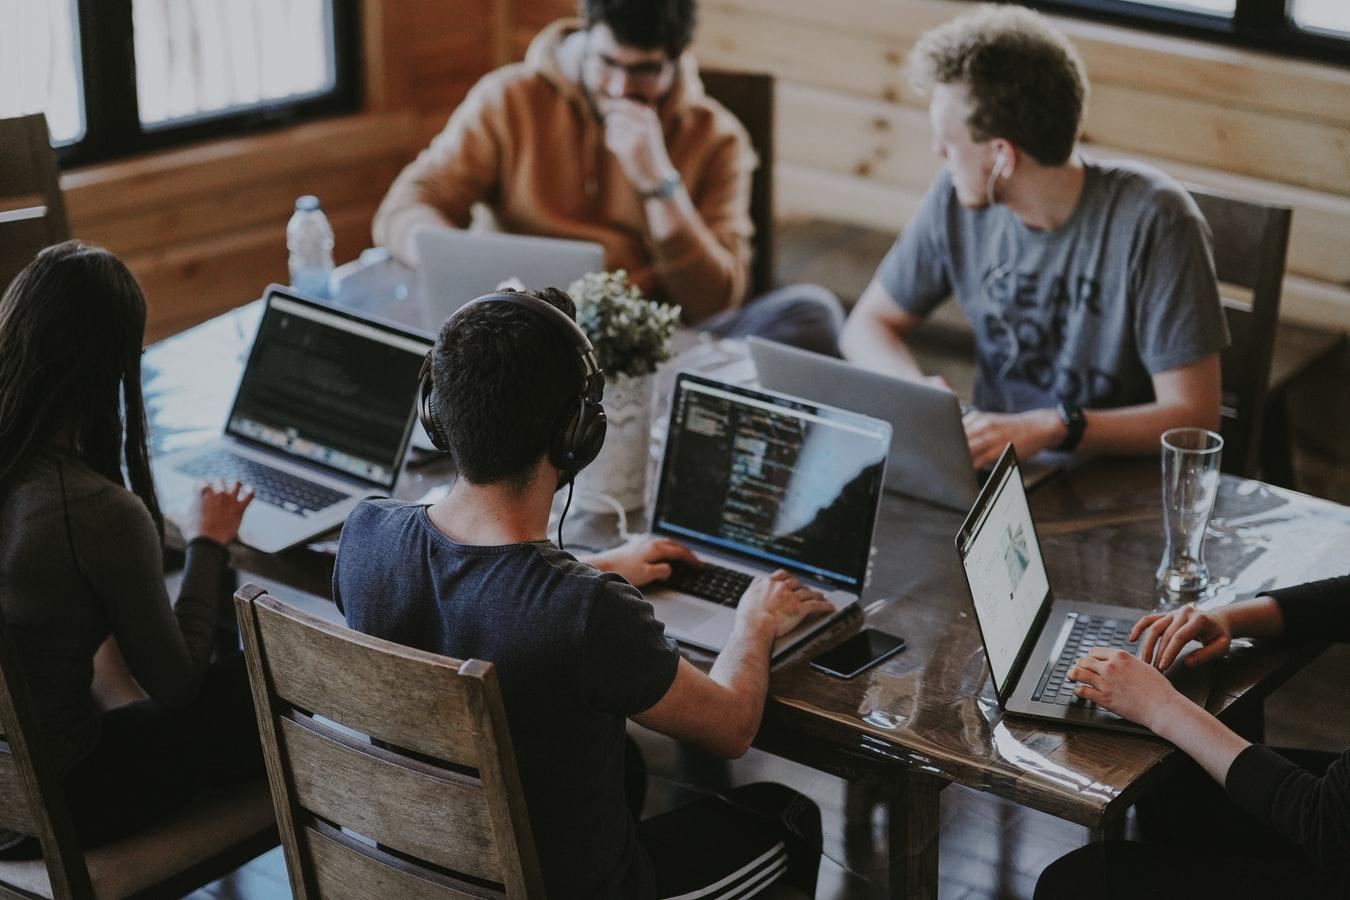 Um grupo de pessoas trabalhando com seus computadores em uma atividade de organização de documentos.